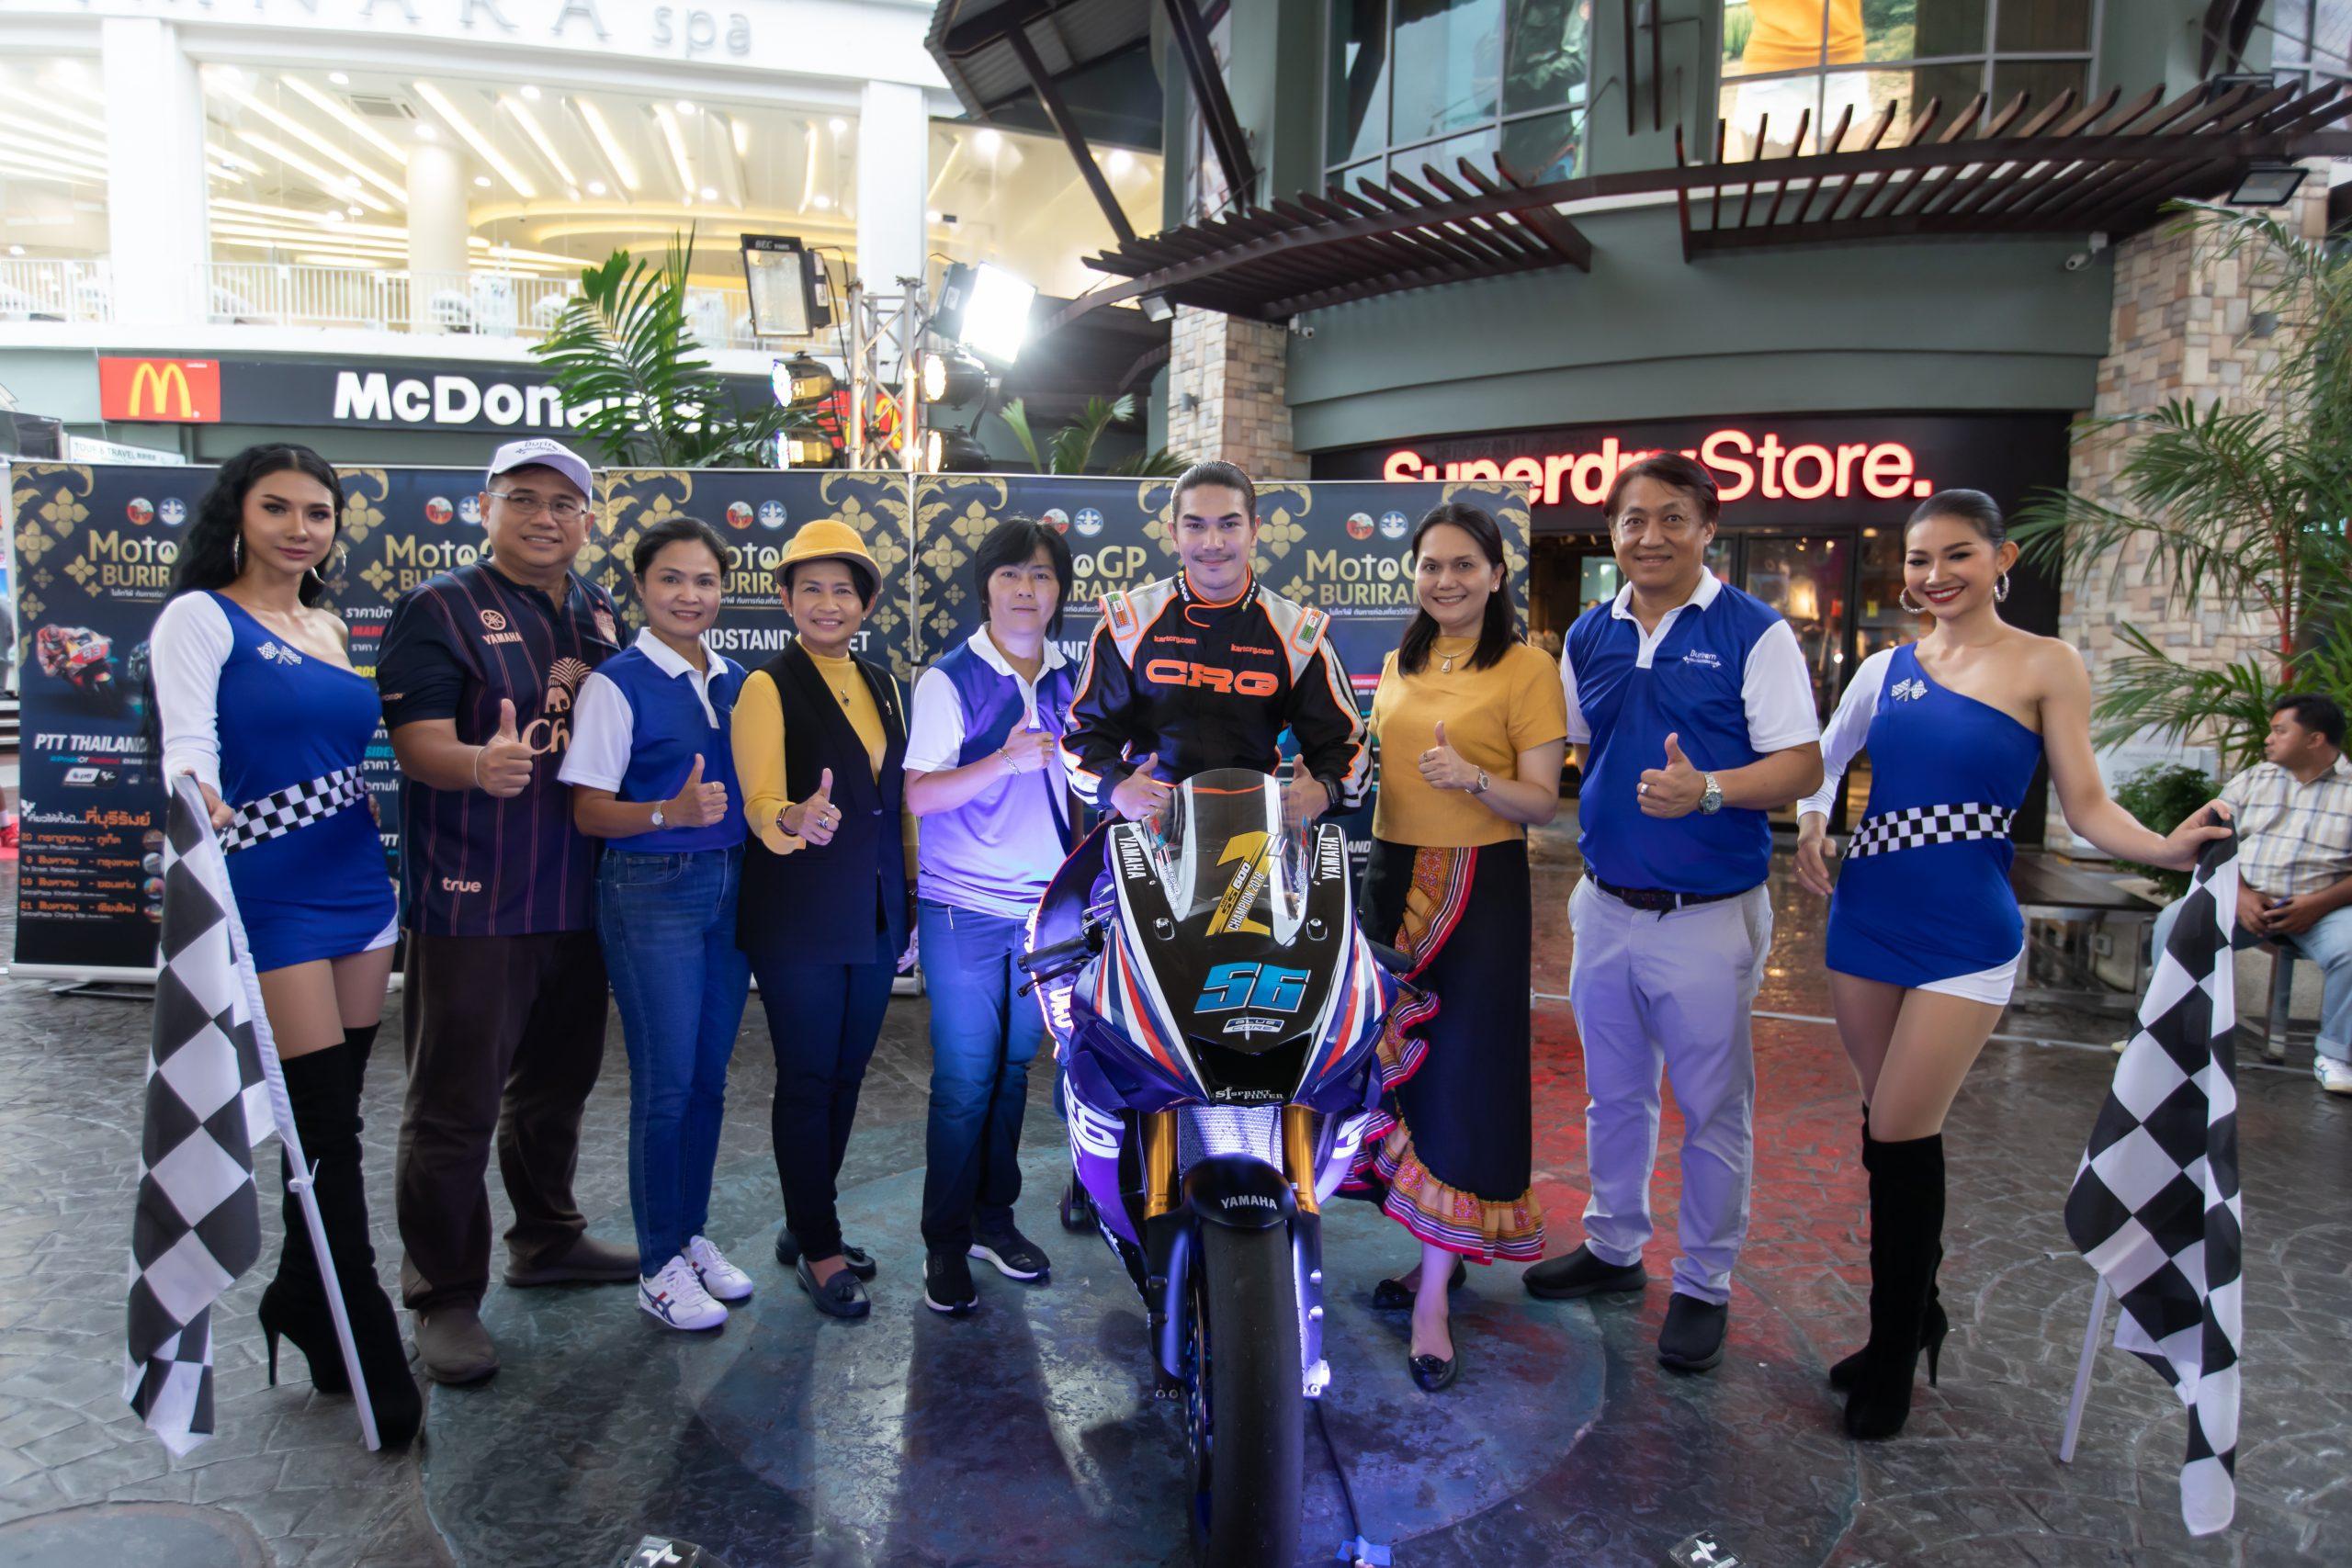 โหมโรงกันหน่อย! การท่องเที่ยวบุรีรัมย์ บุกเมืองภูเก็ต ชวนนักท่องเที่ยวไทย-เทศ ชม Moto GP